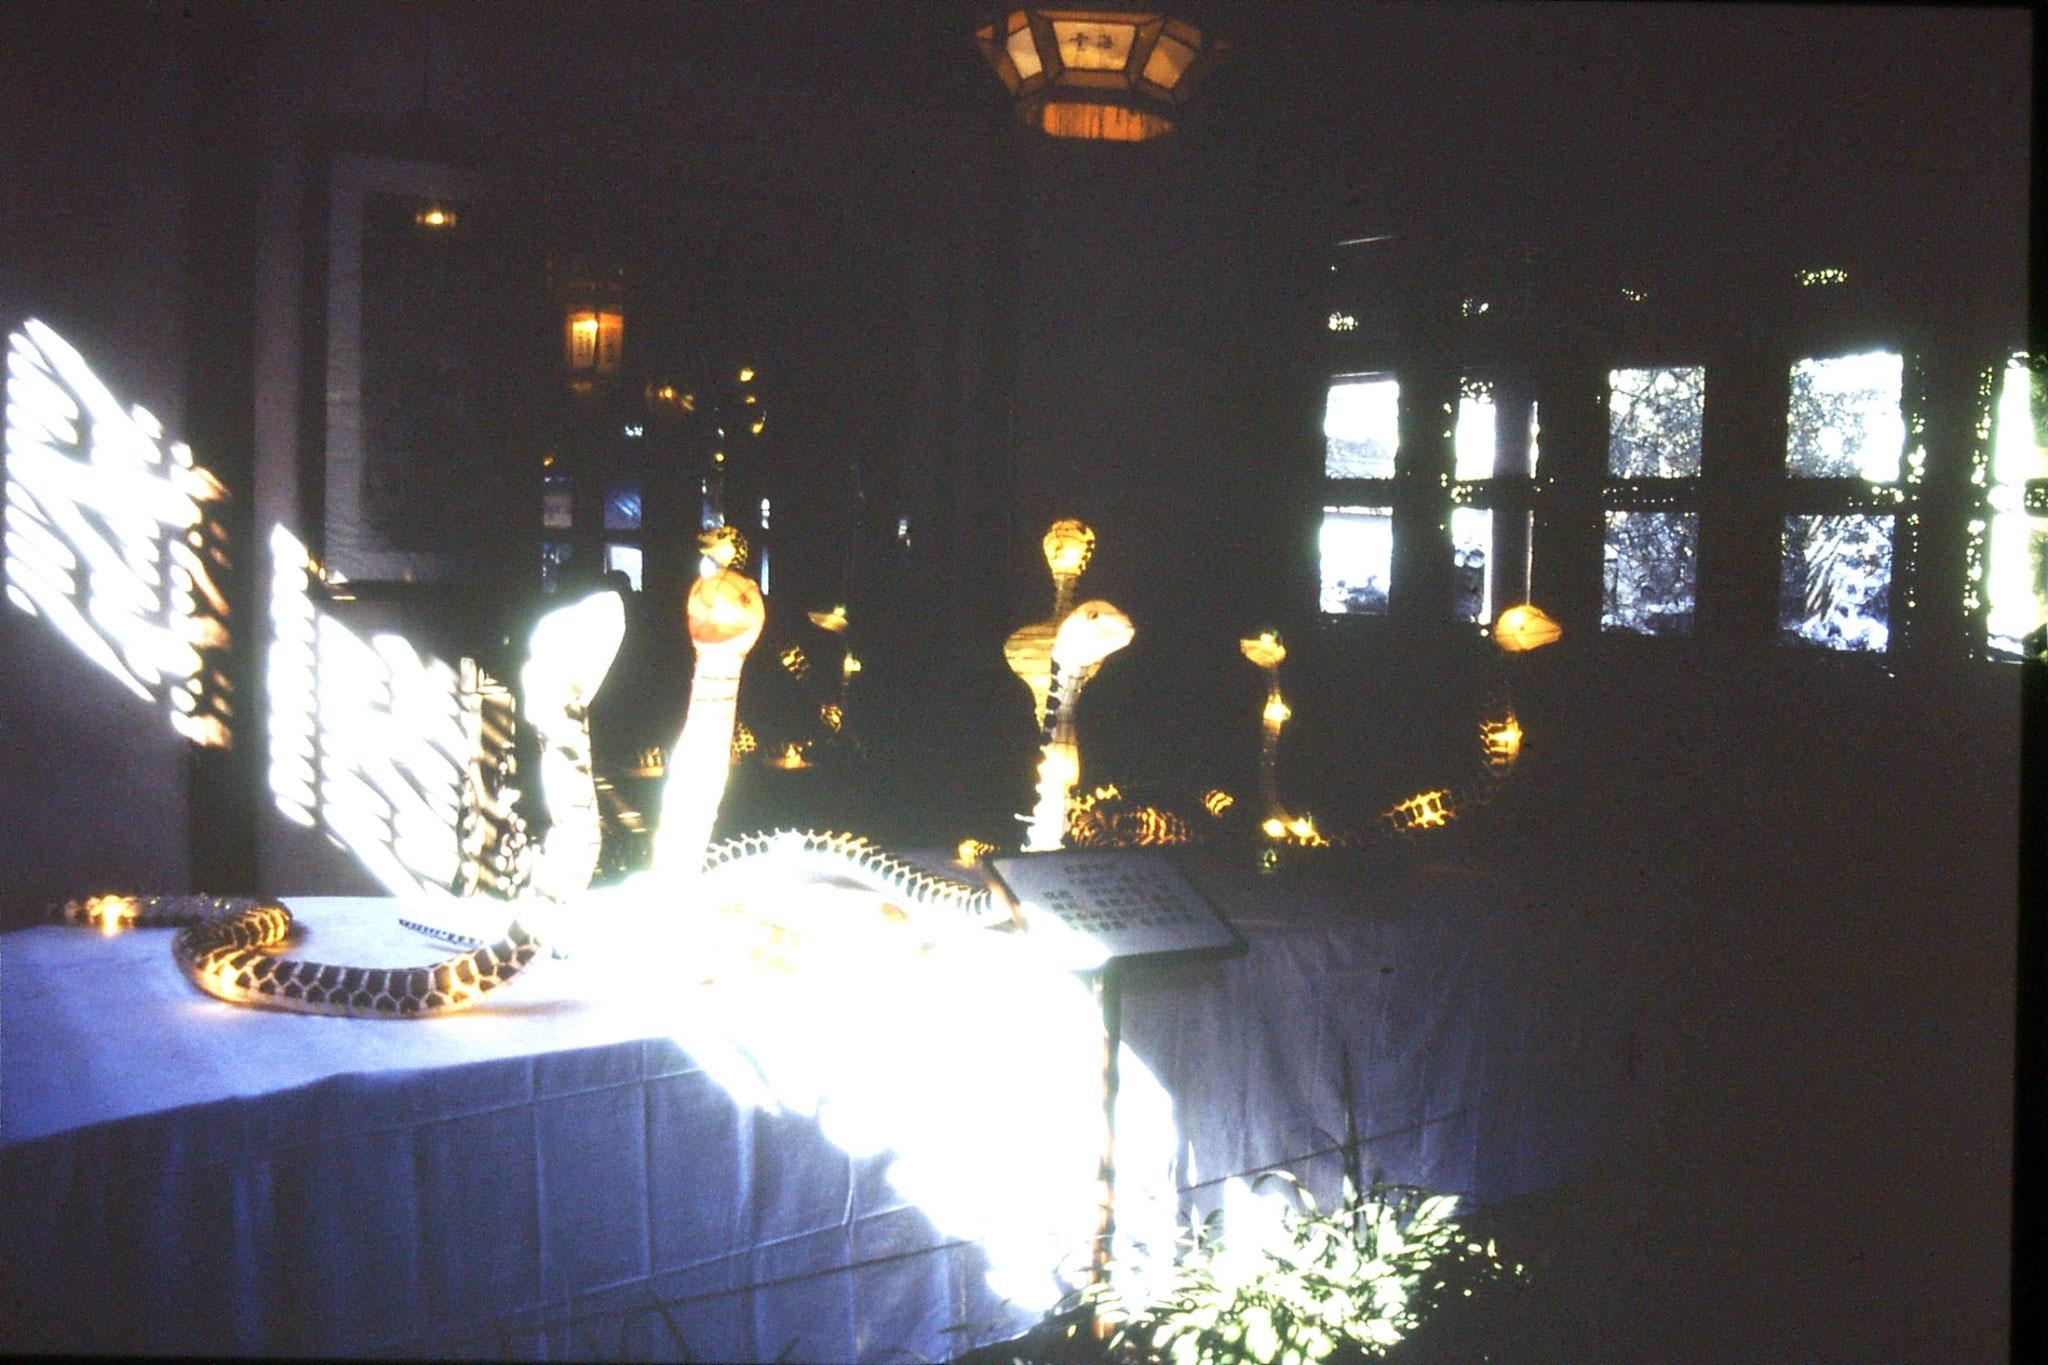 10/2/1989: 24: Yuyuan Gardens